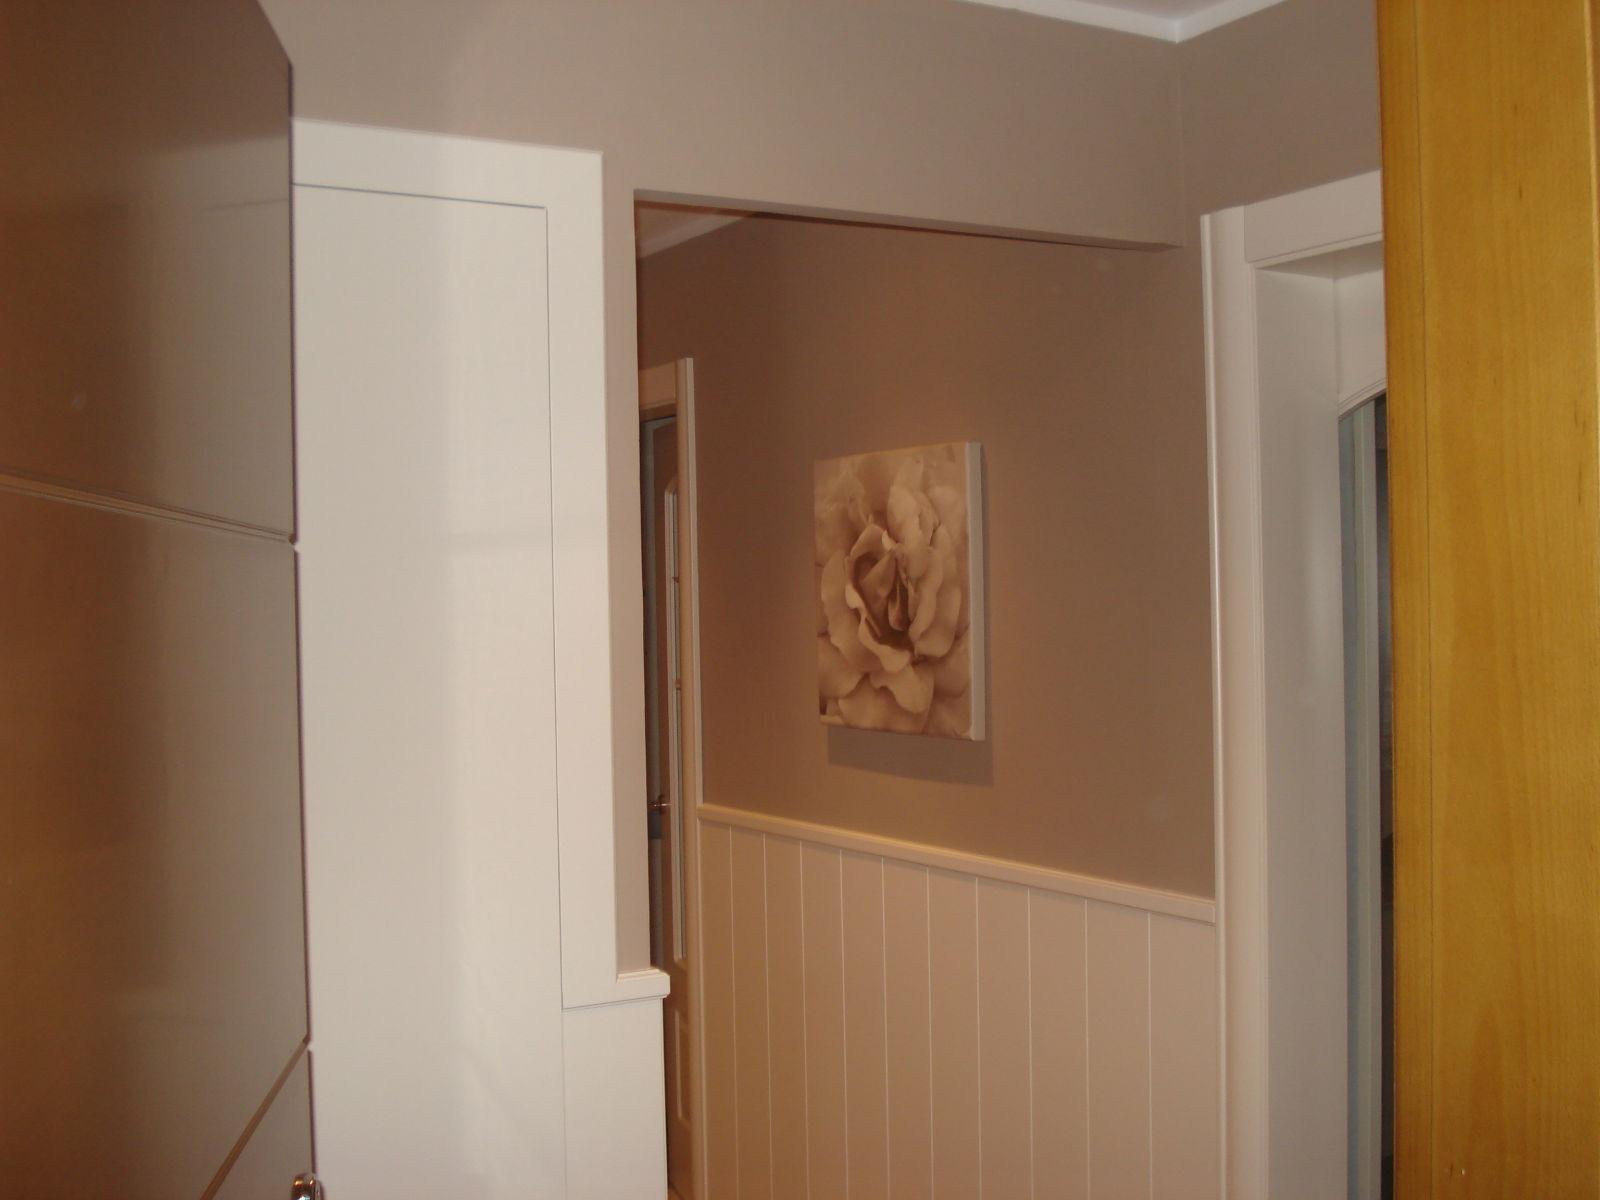 Decora con paula reforma espectacular for Paredes grises y puertas blancas